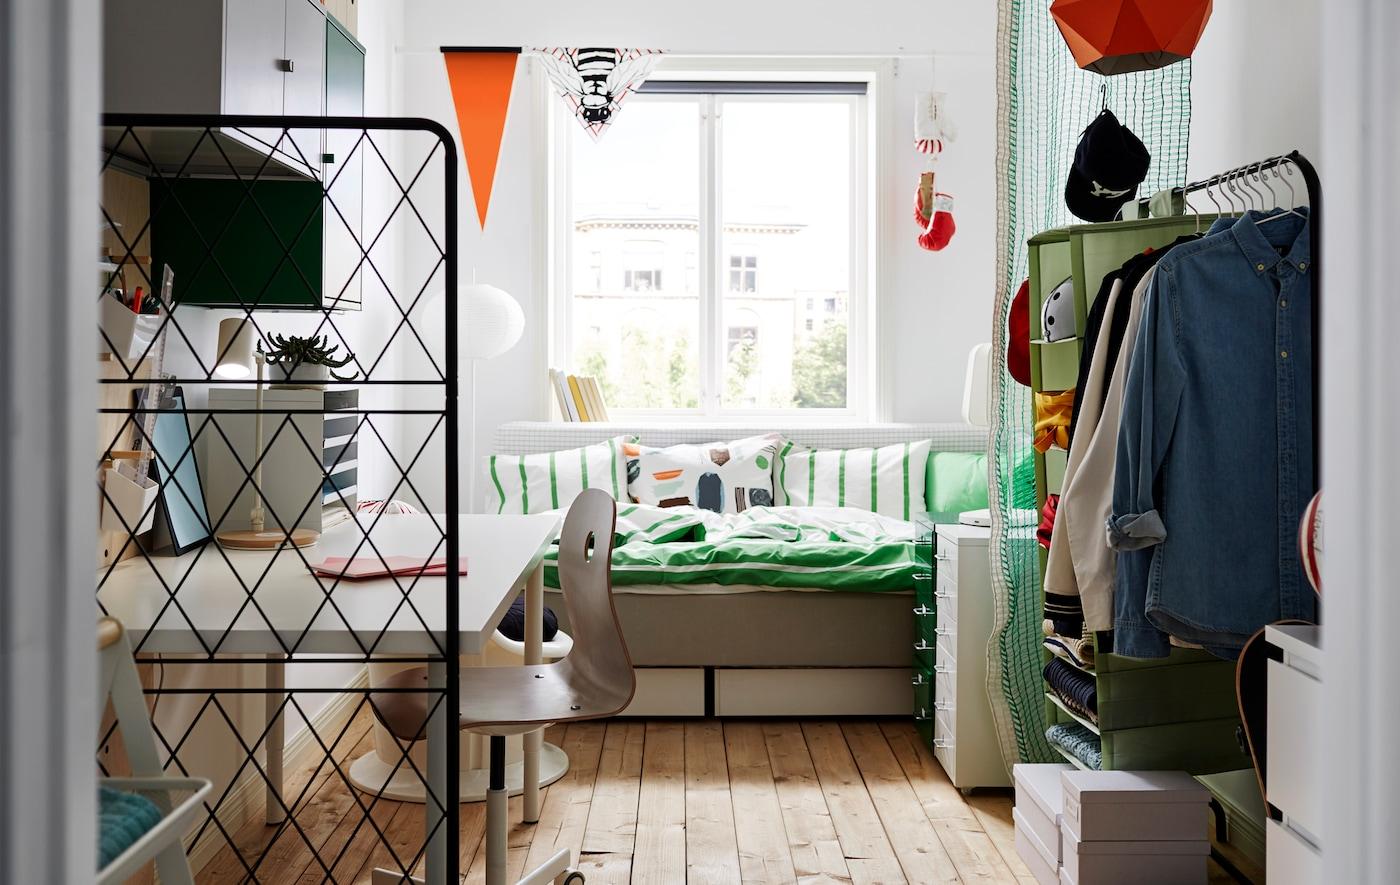 Ý tưởng decor phòng sinh viên đẹp sáng tạo với chi phí siêu tiết kiệm - Ảnh 6.